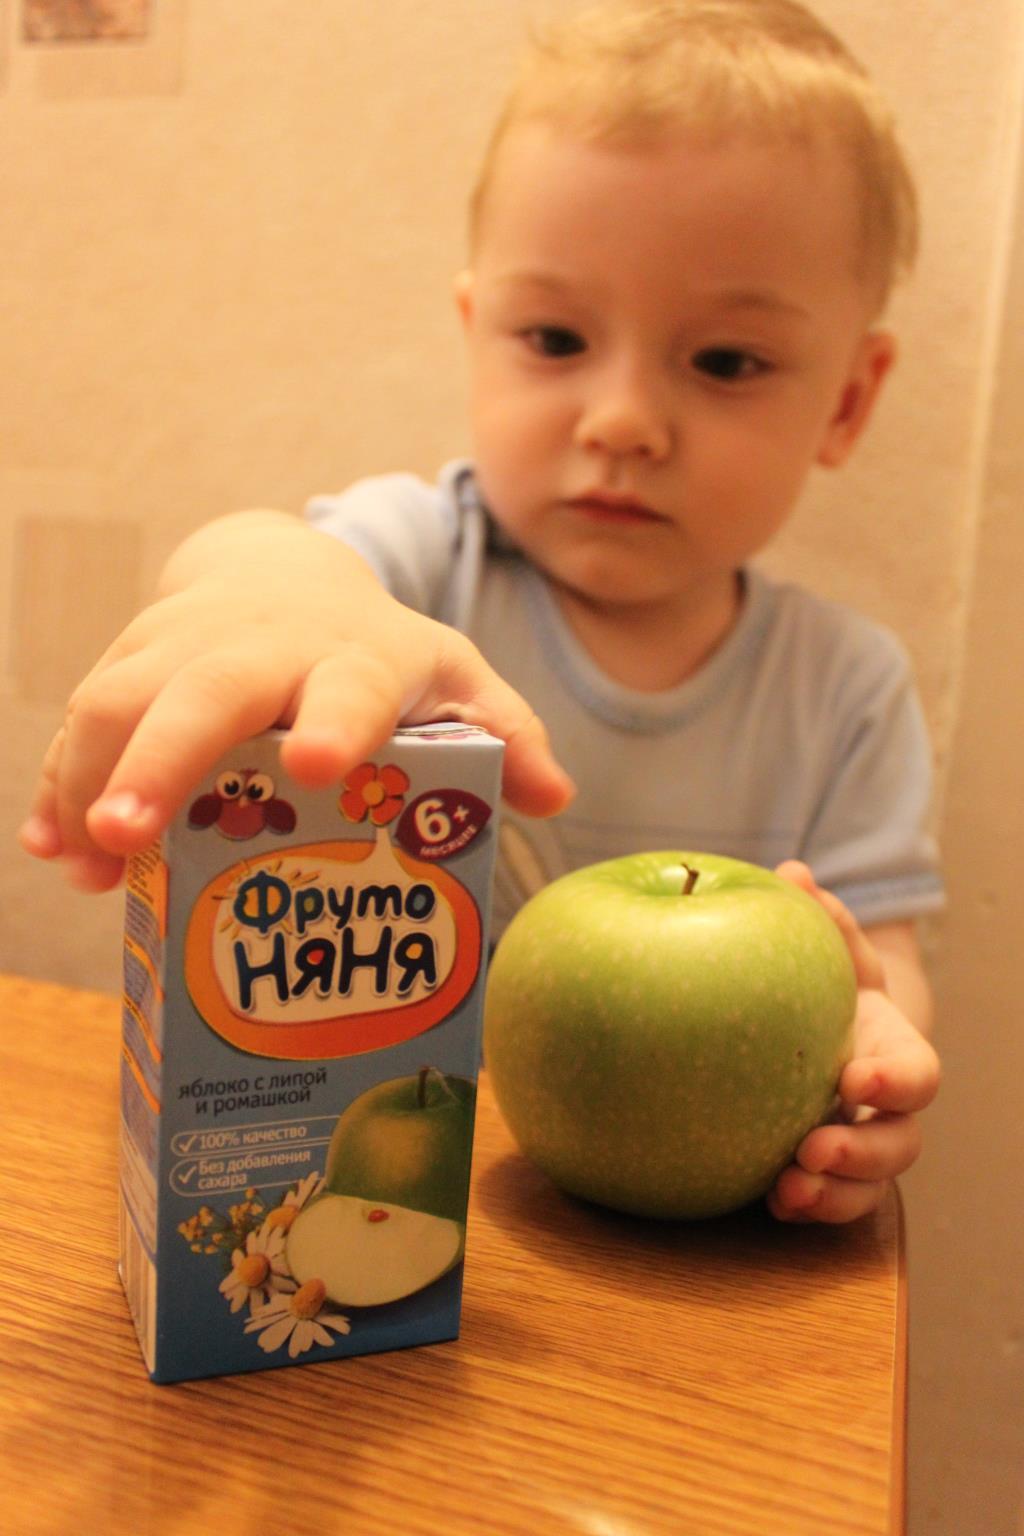 Мой любимый сок!. Яблочко в пачке